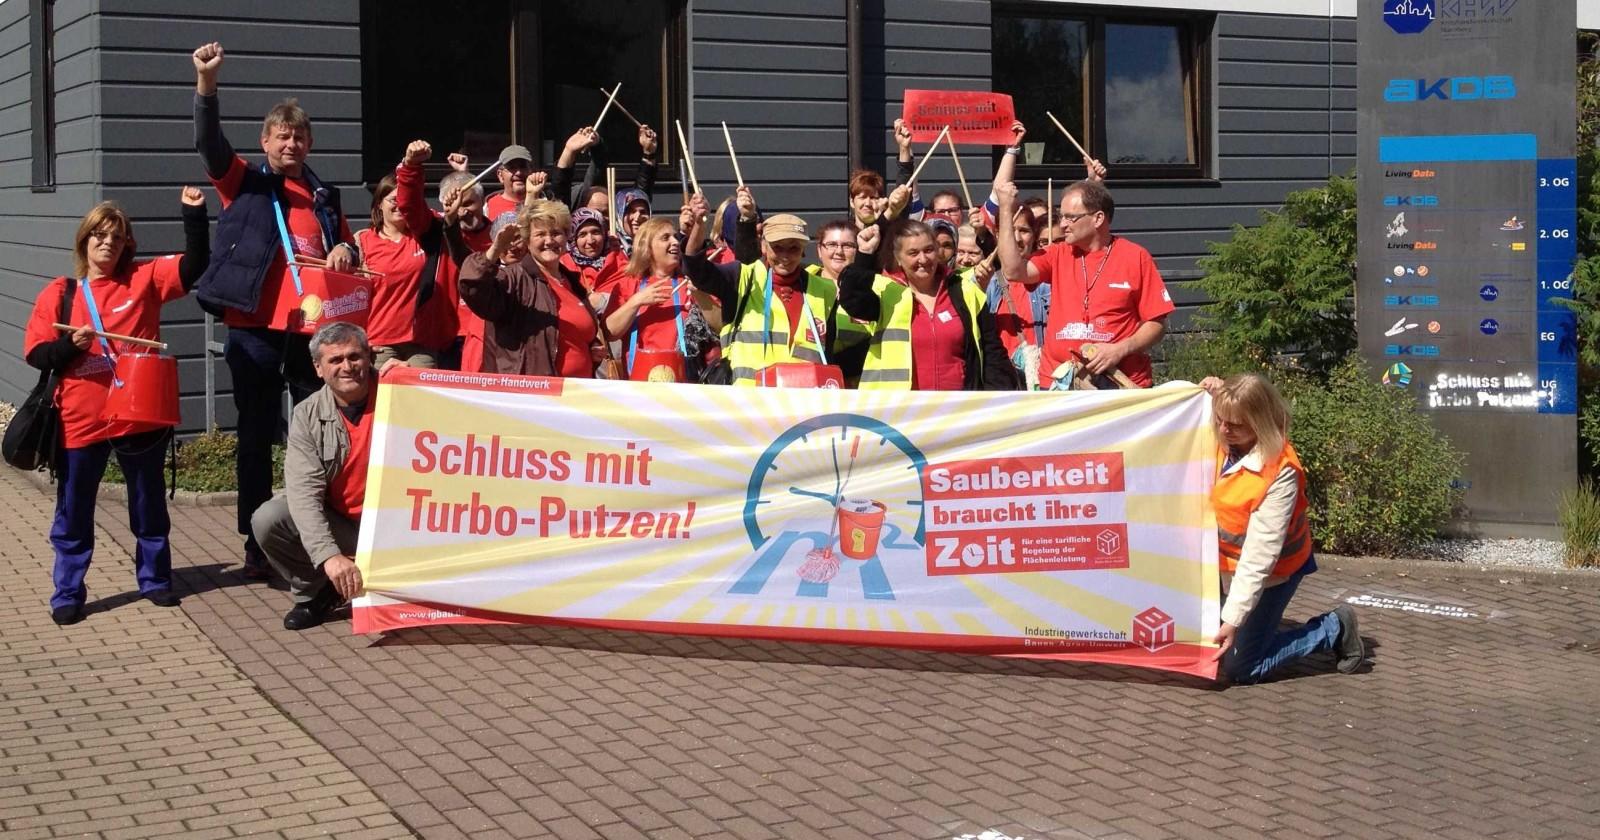 Auch KollegInnen in Nürnberg standen gestern vor verschlossener Tür der Gebäudereiniger-Innung